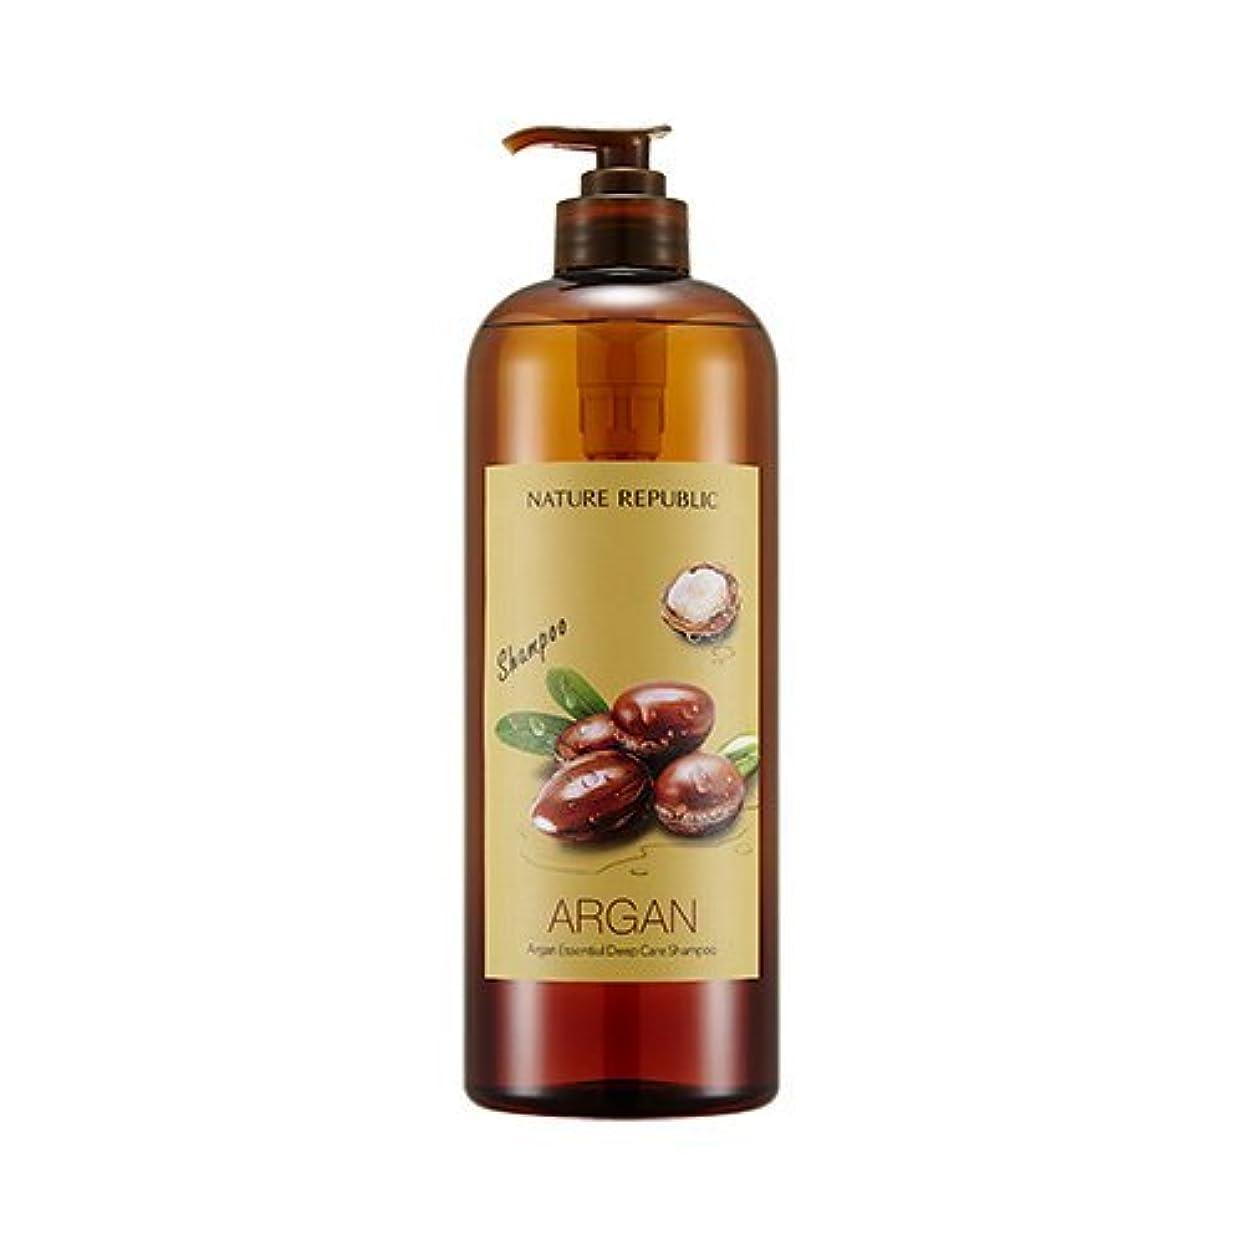 デモンストレーションタクシー老朽化したNATURE REPUBLIC Argan Essential Deep Care Shampoo 1000? ネイチャーリパブリック アルガンエッセンシャルディープケアシャンプー(大容量) [並行輸入品]